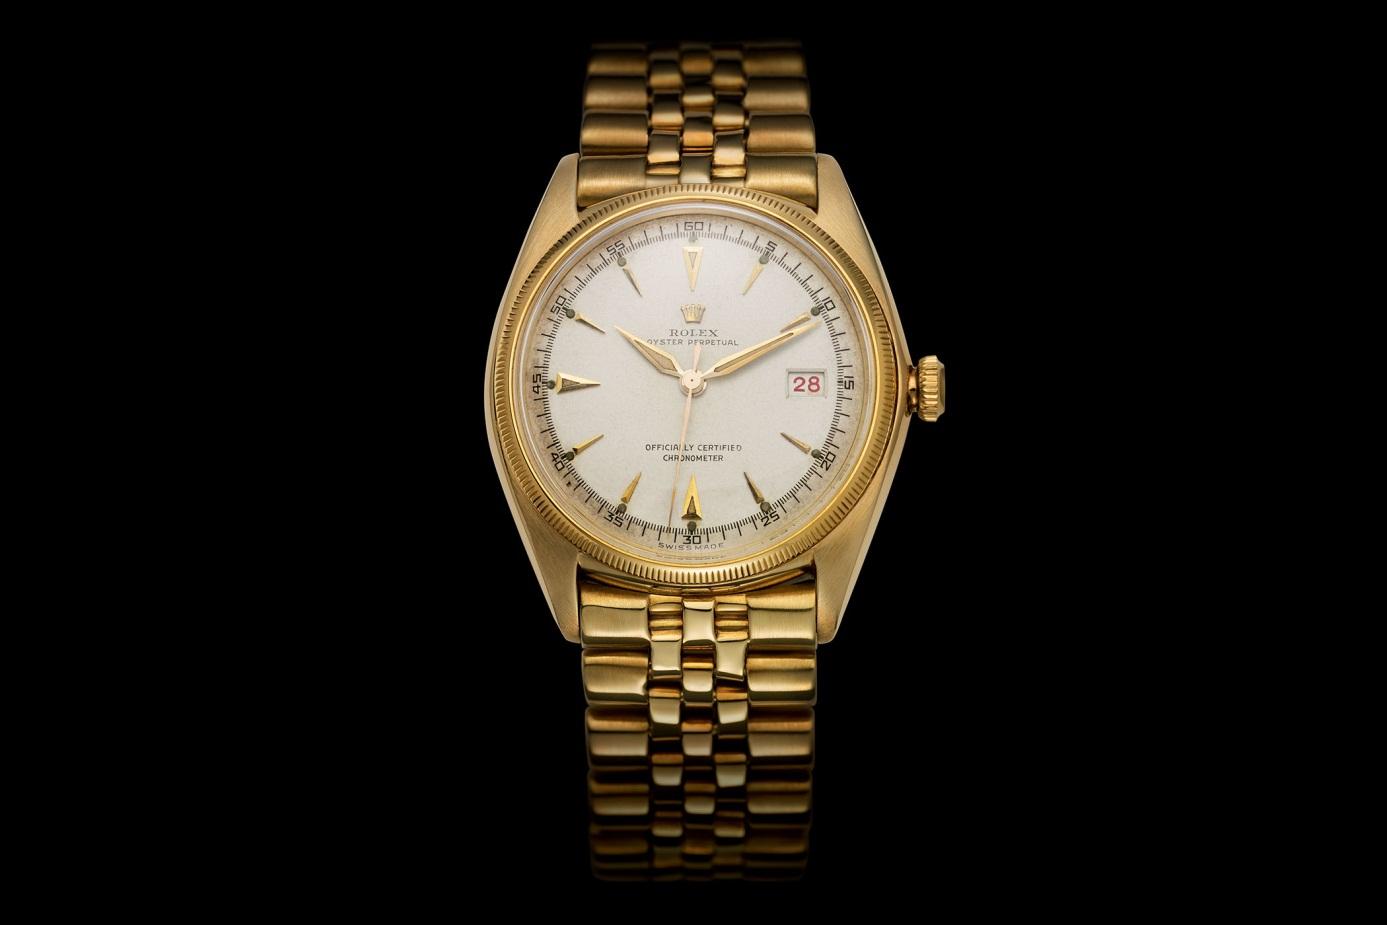 Đồng hồ Rolex Datejust năm 1945